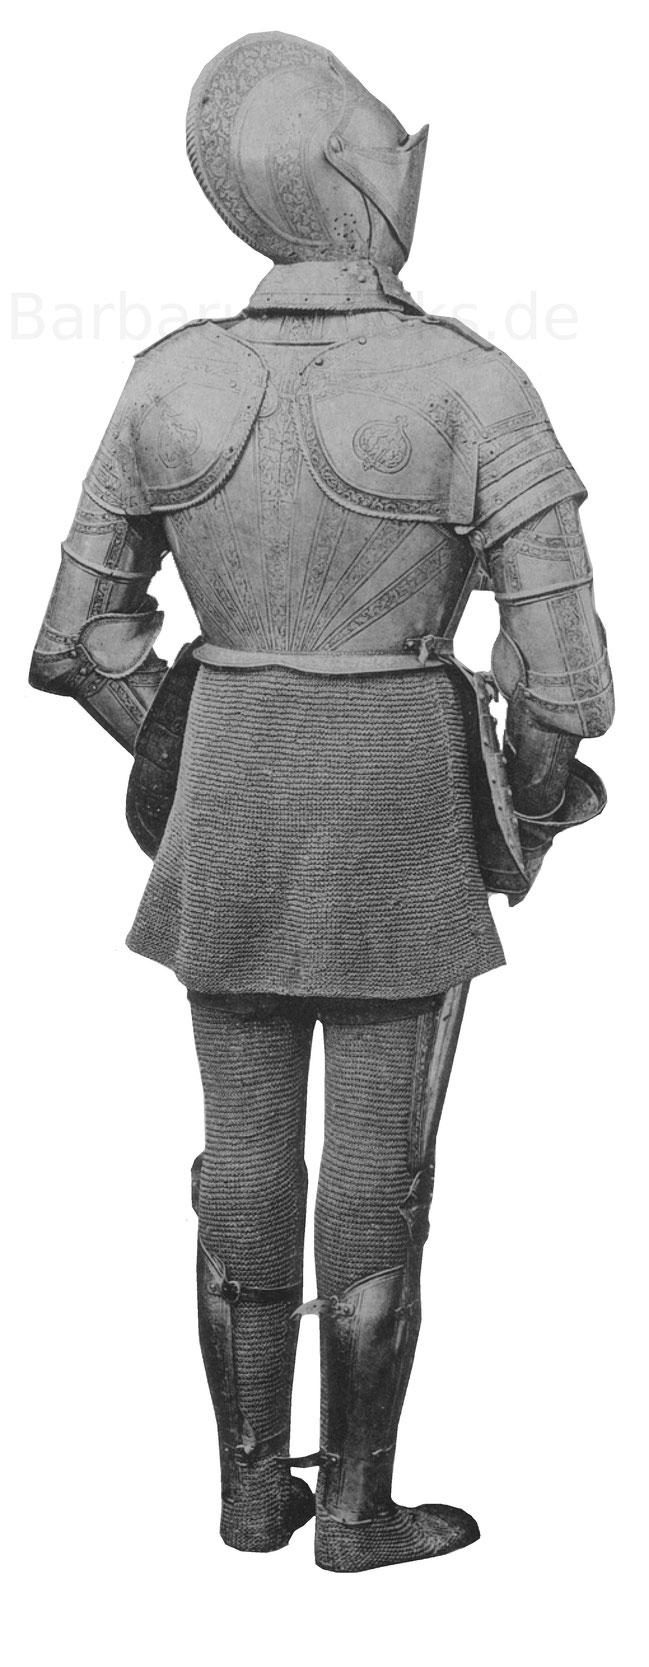 Rückseite der Prunkrüstung aus der Mitte des 16. Jahrhunderts